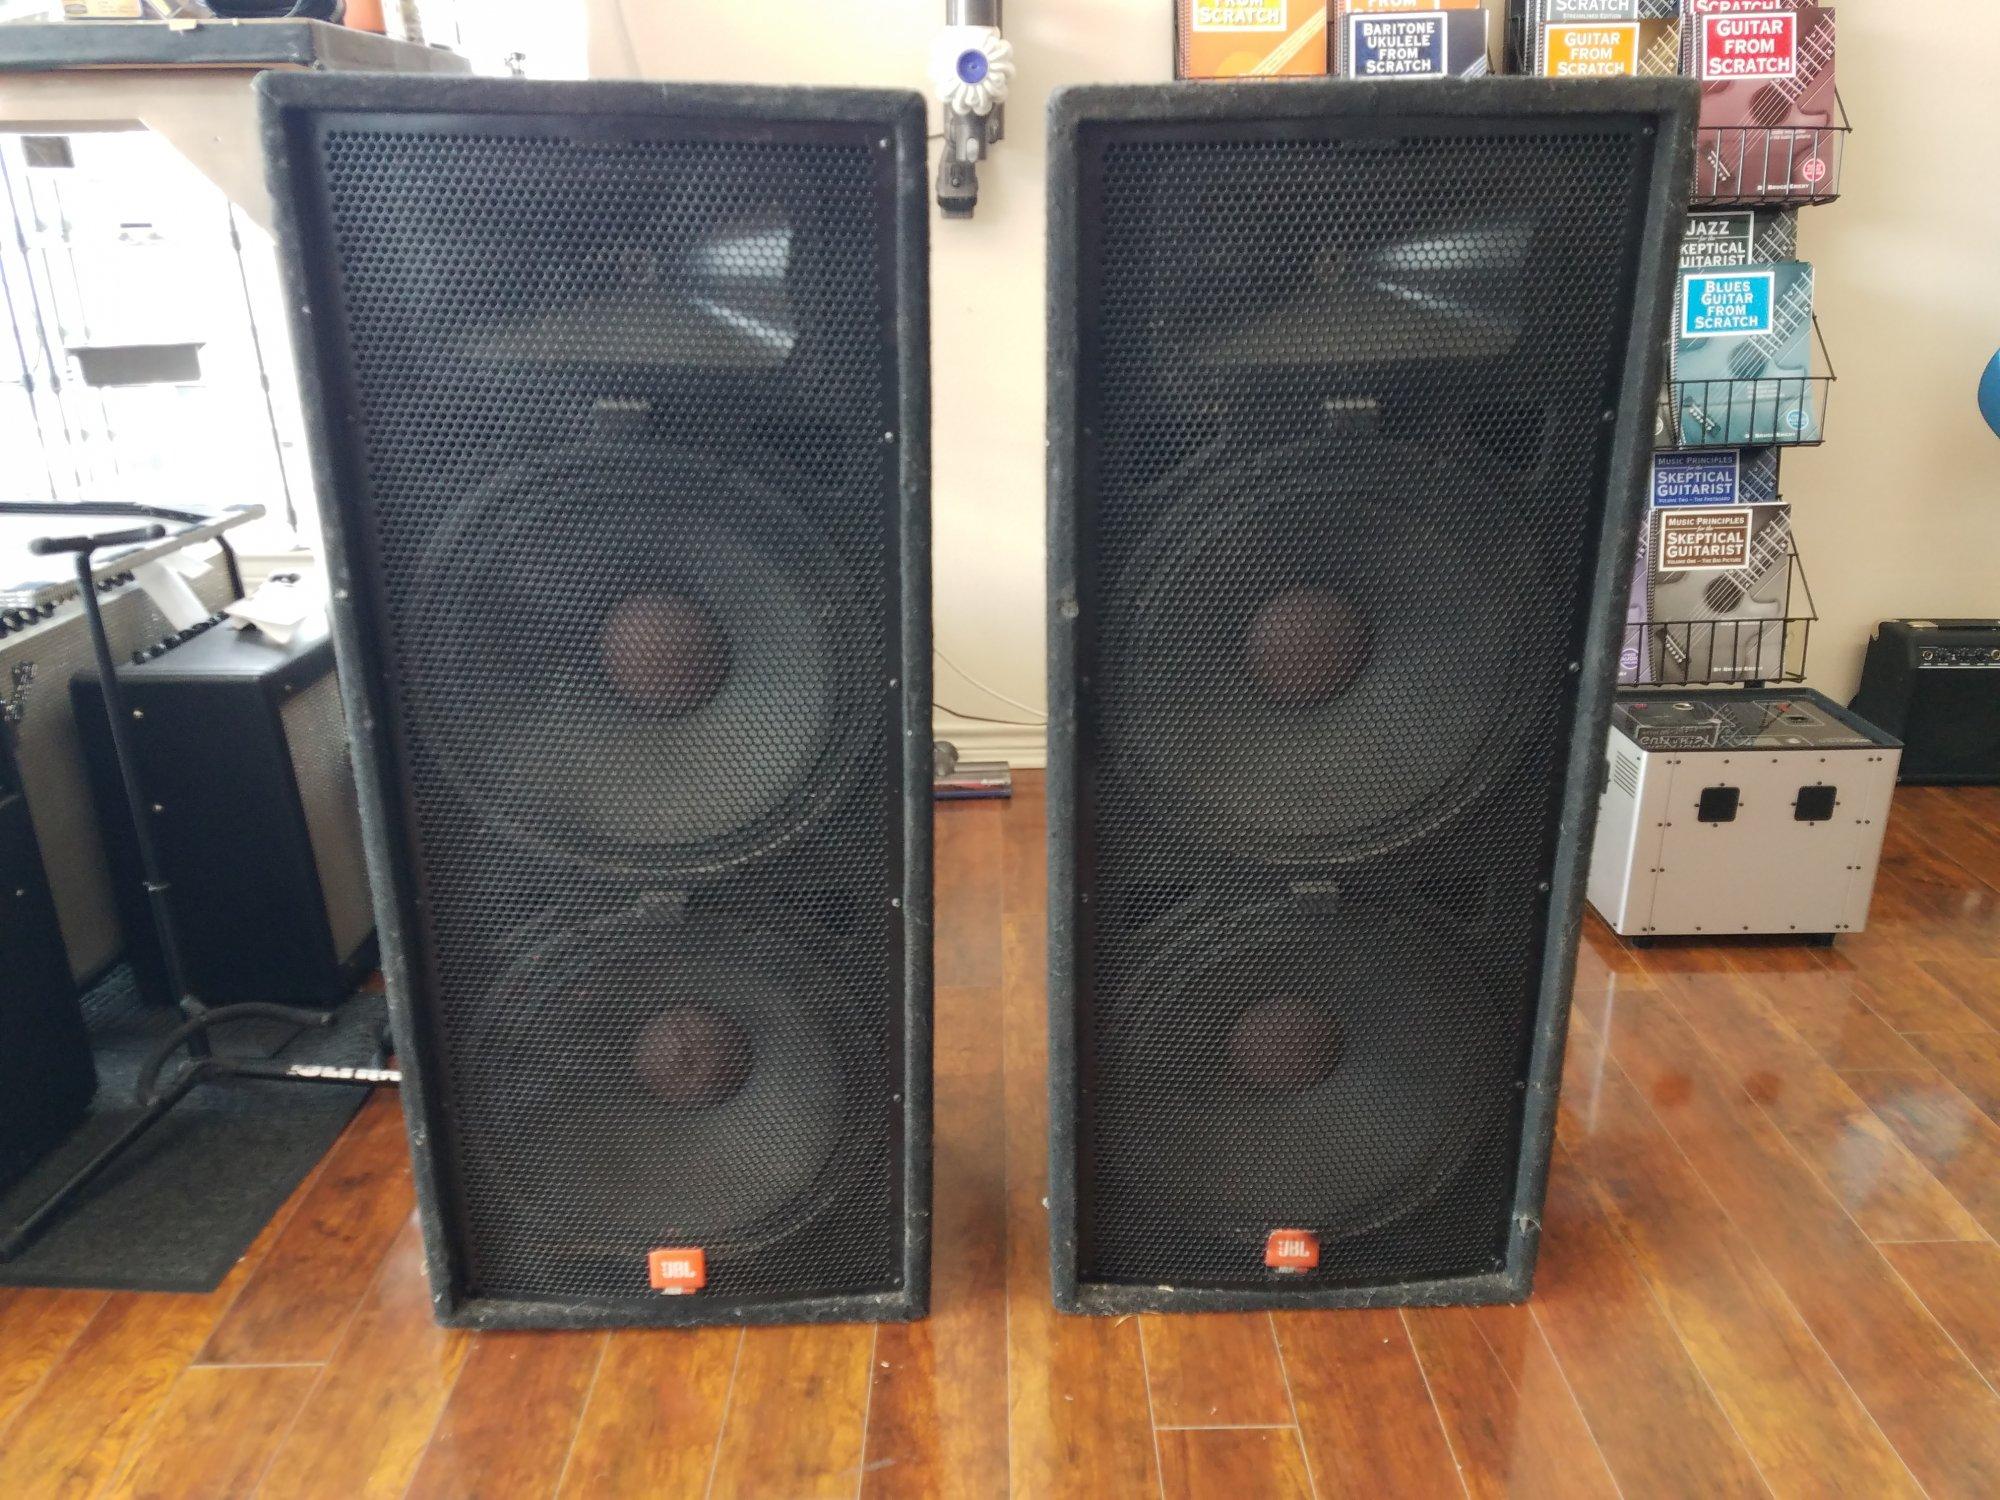 Used JBL JRX125 Dual 15 Speaker Pair